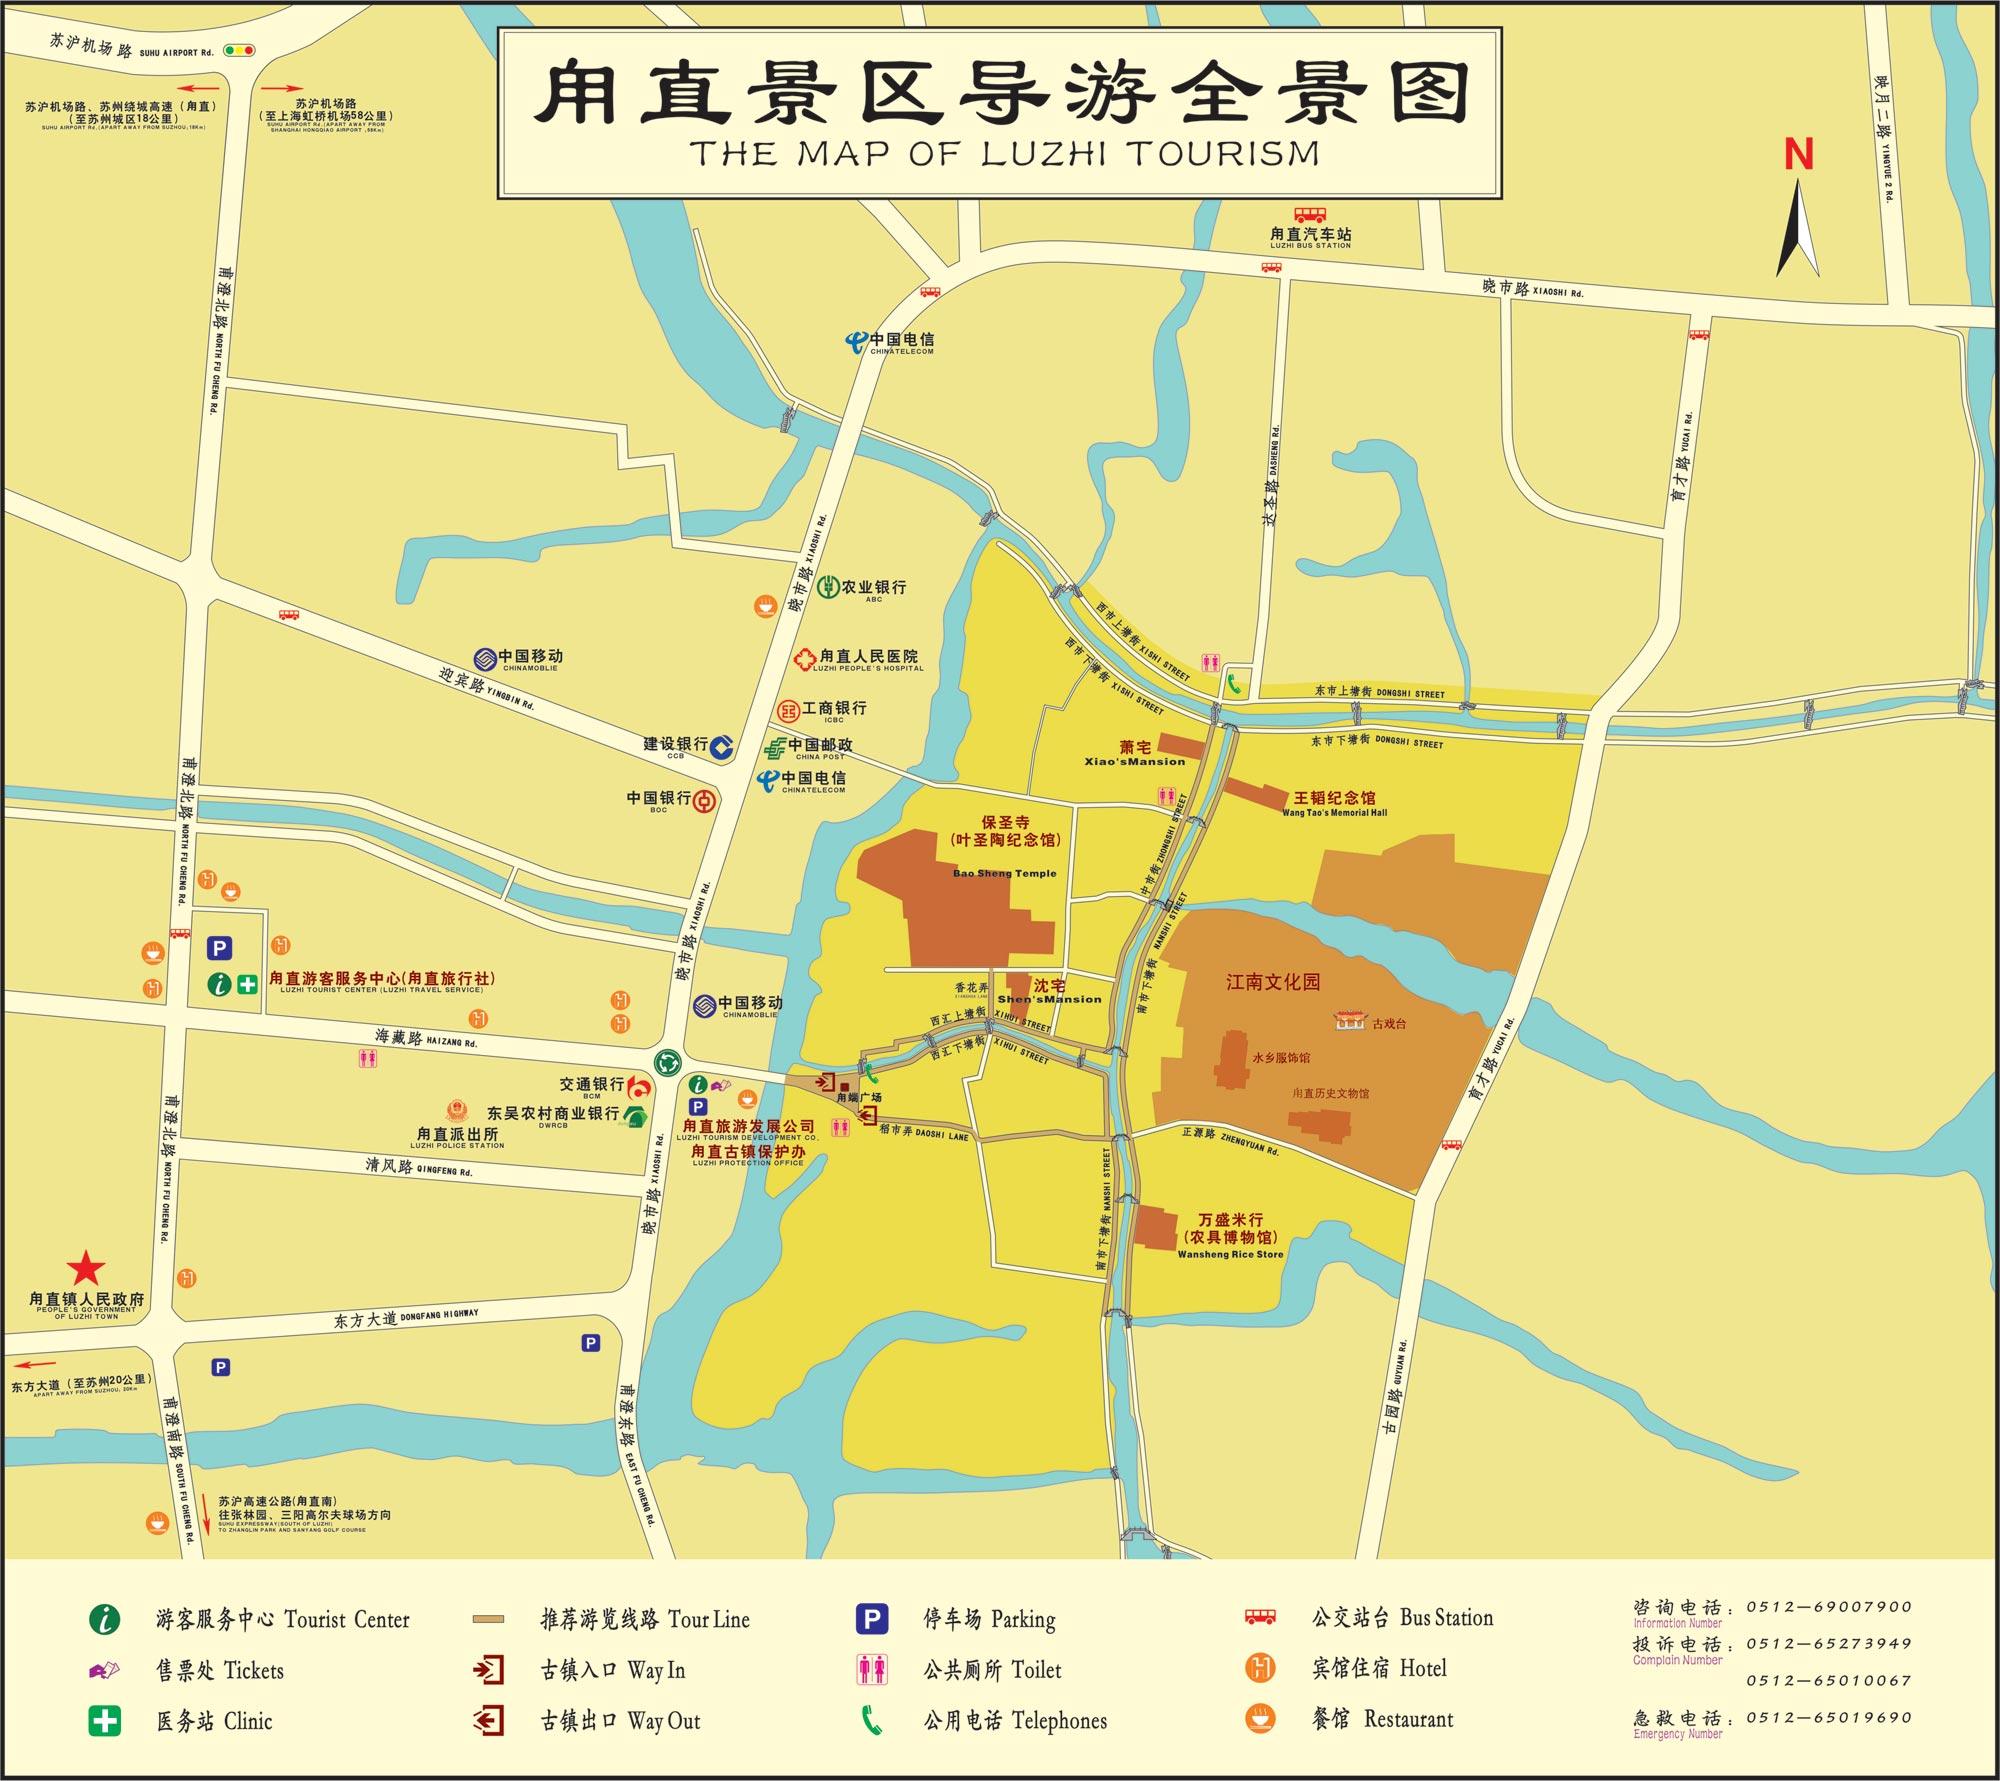 甪直古镇导览地图 @甪直古镇官网